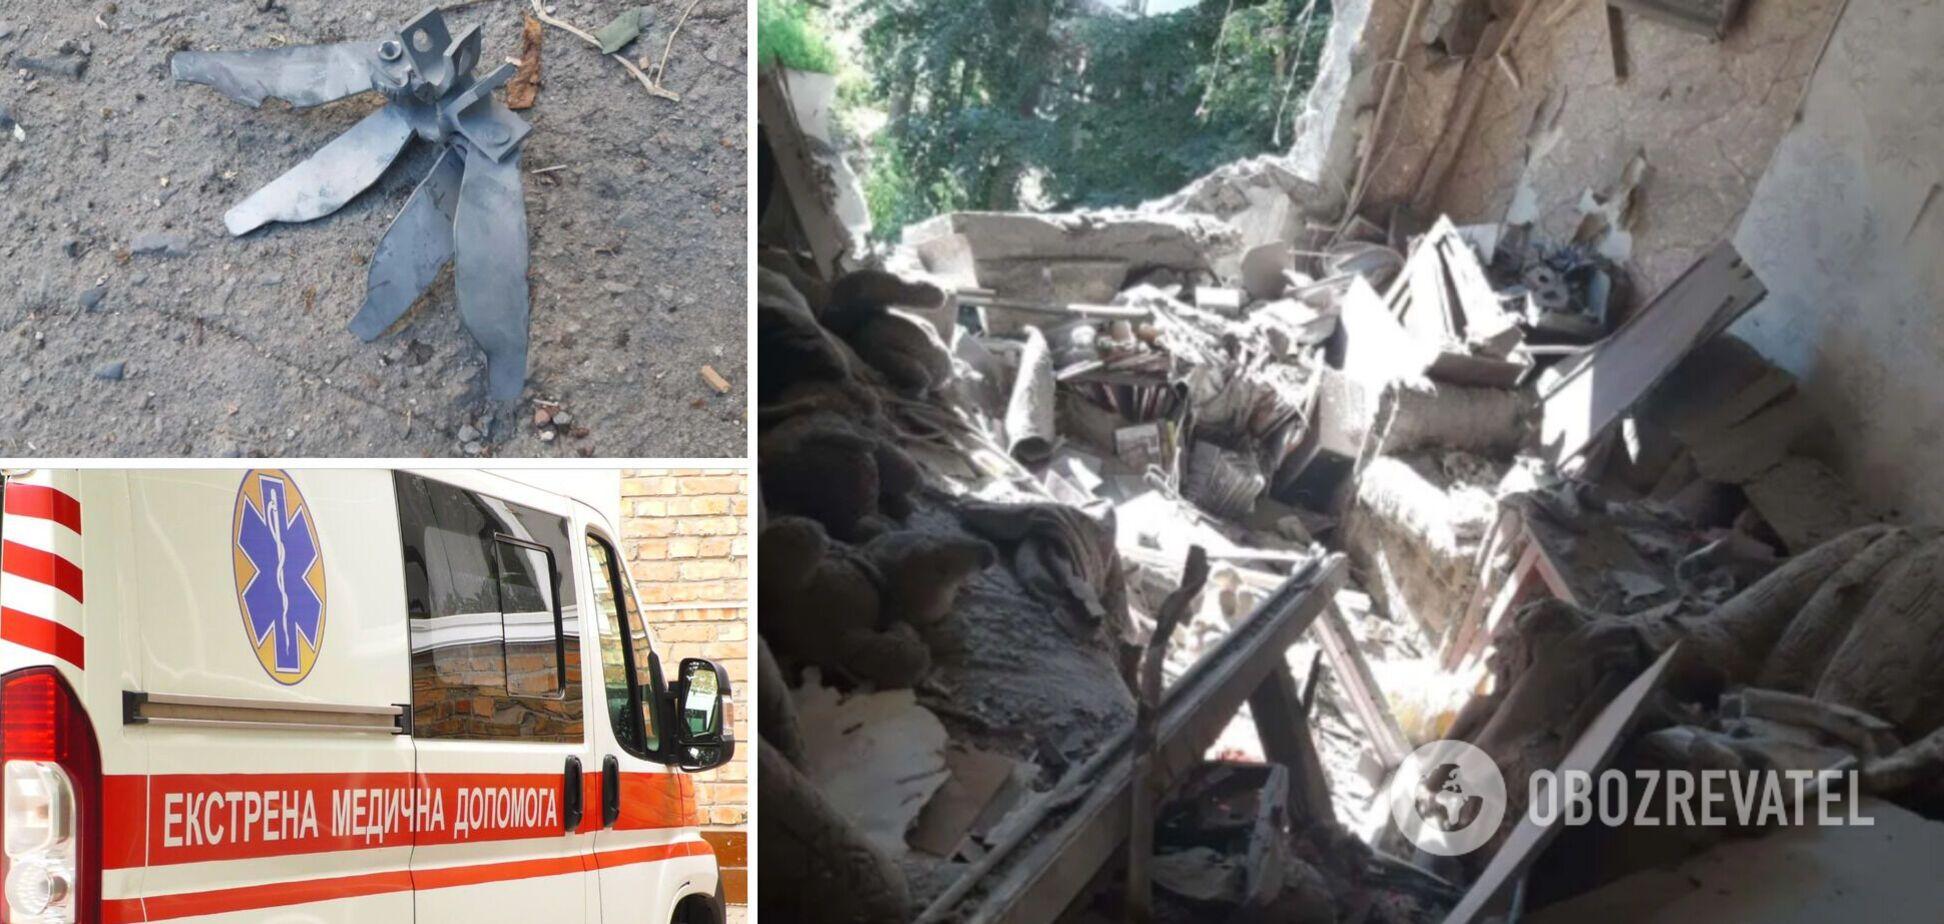 Снаряд полностью разрушил стену, мужчину спасли чудом: новые детали обстрела оккупантами Красногоровки